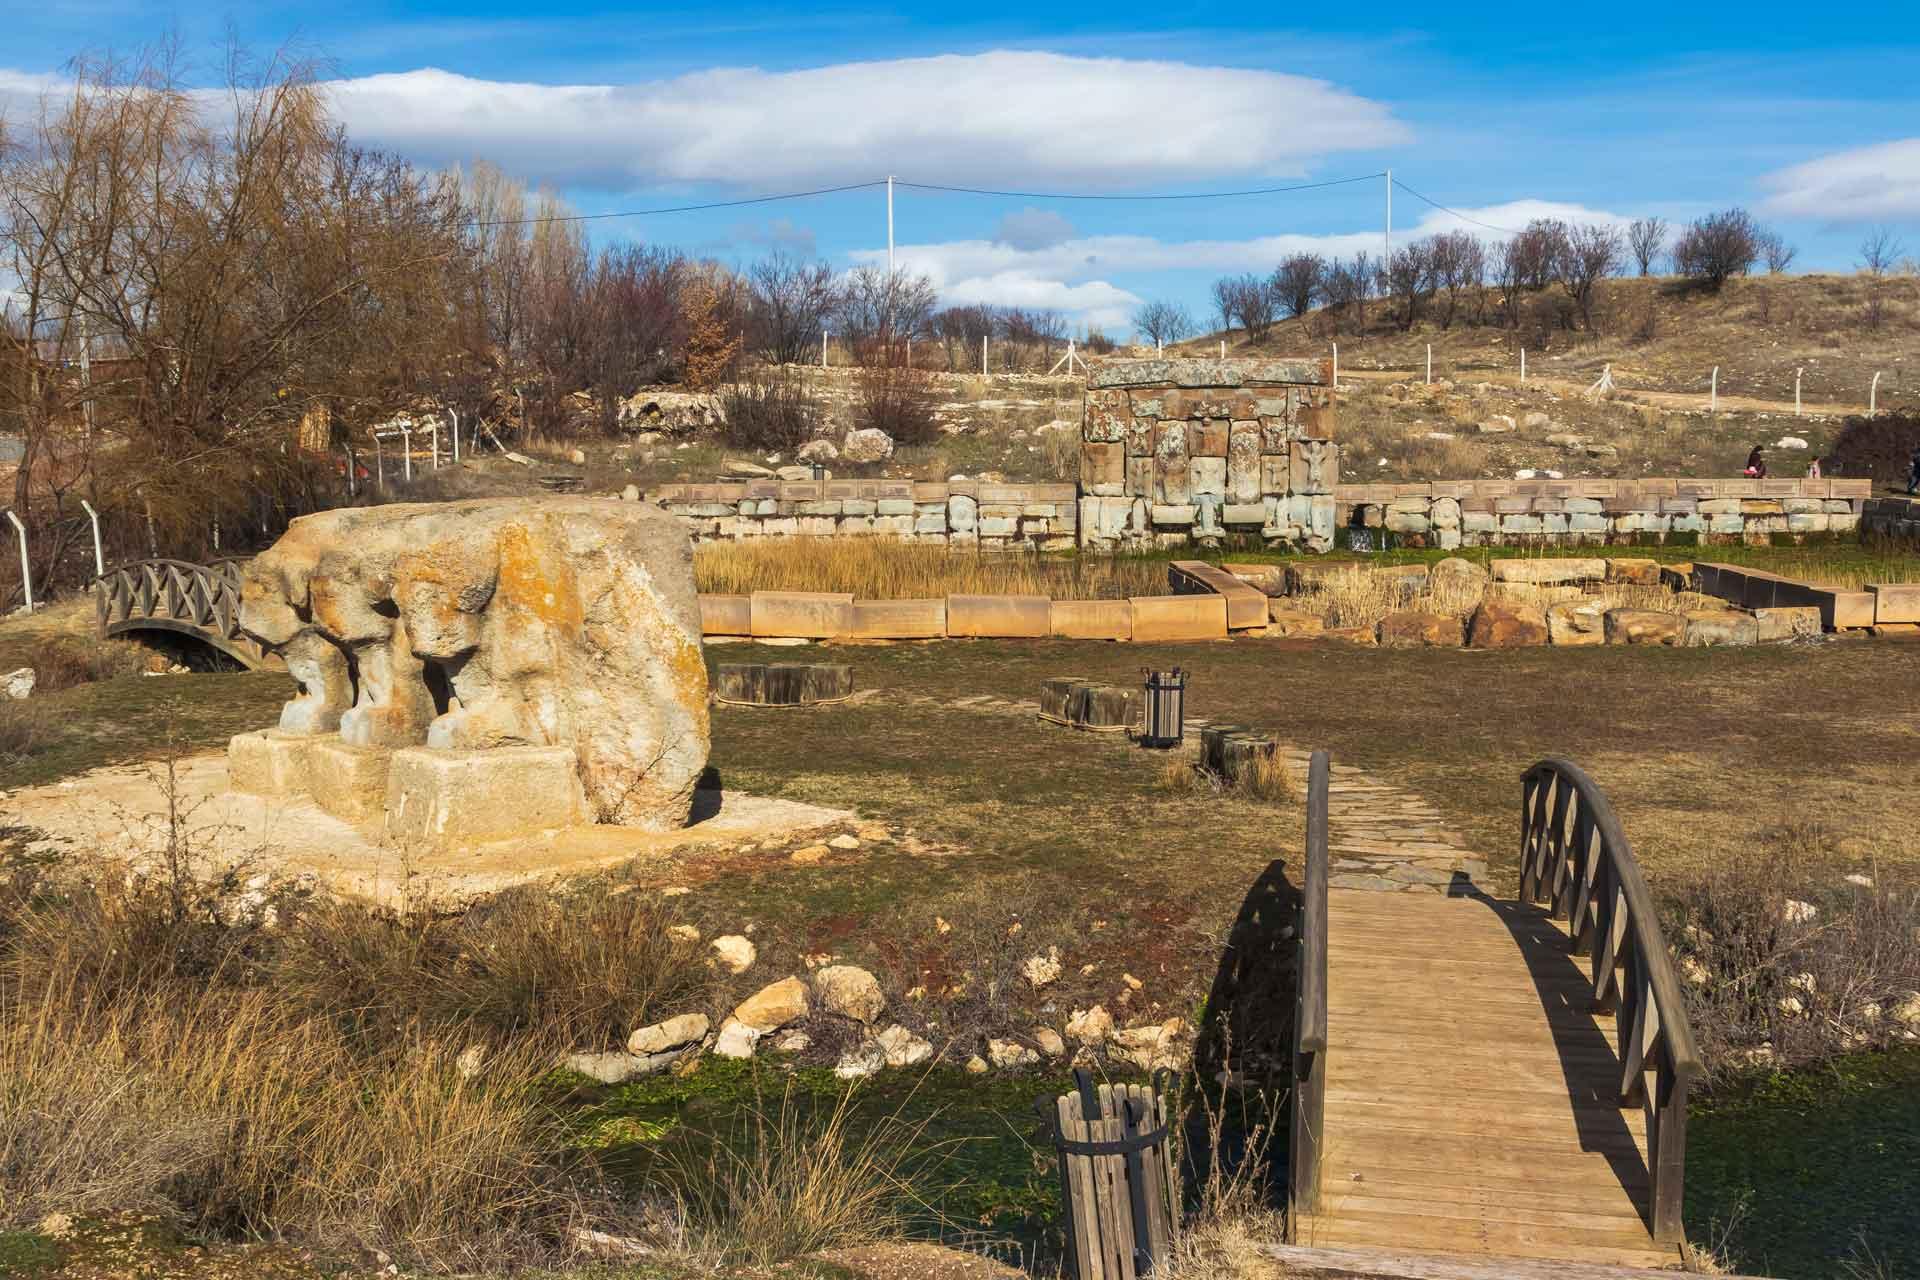 Eflatunpınar Hitit Su Anıtı Beyşehir Gezilecek Yerler Konya Çekergezer Hakan Aydın Fotoğrafları Gezgin Fotoğrafçı